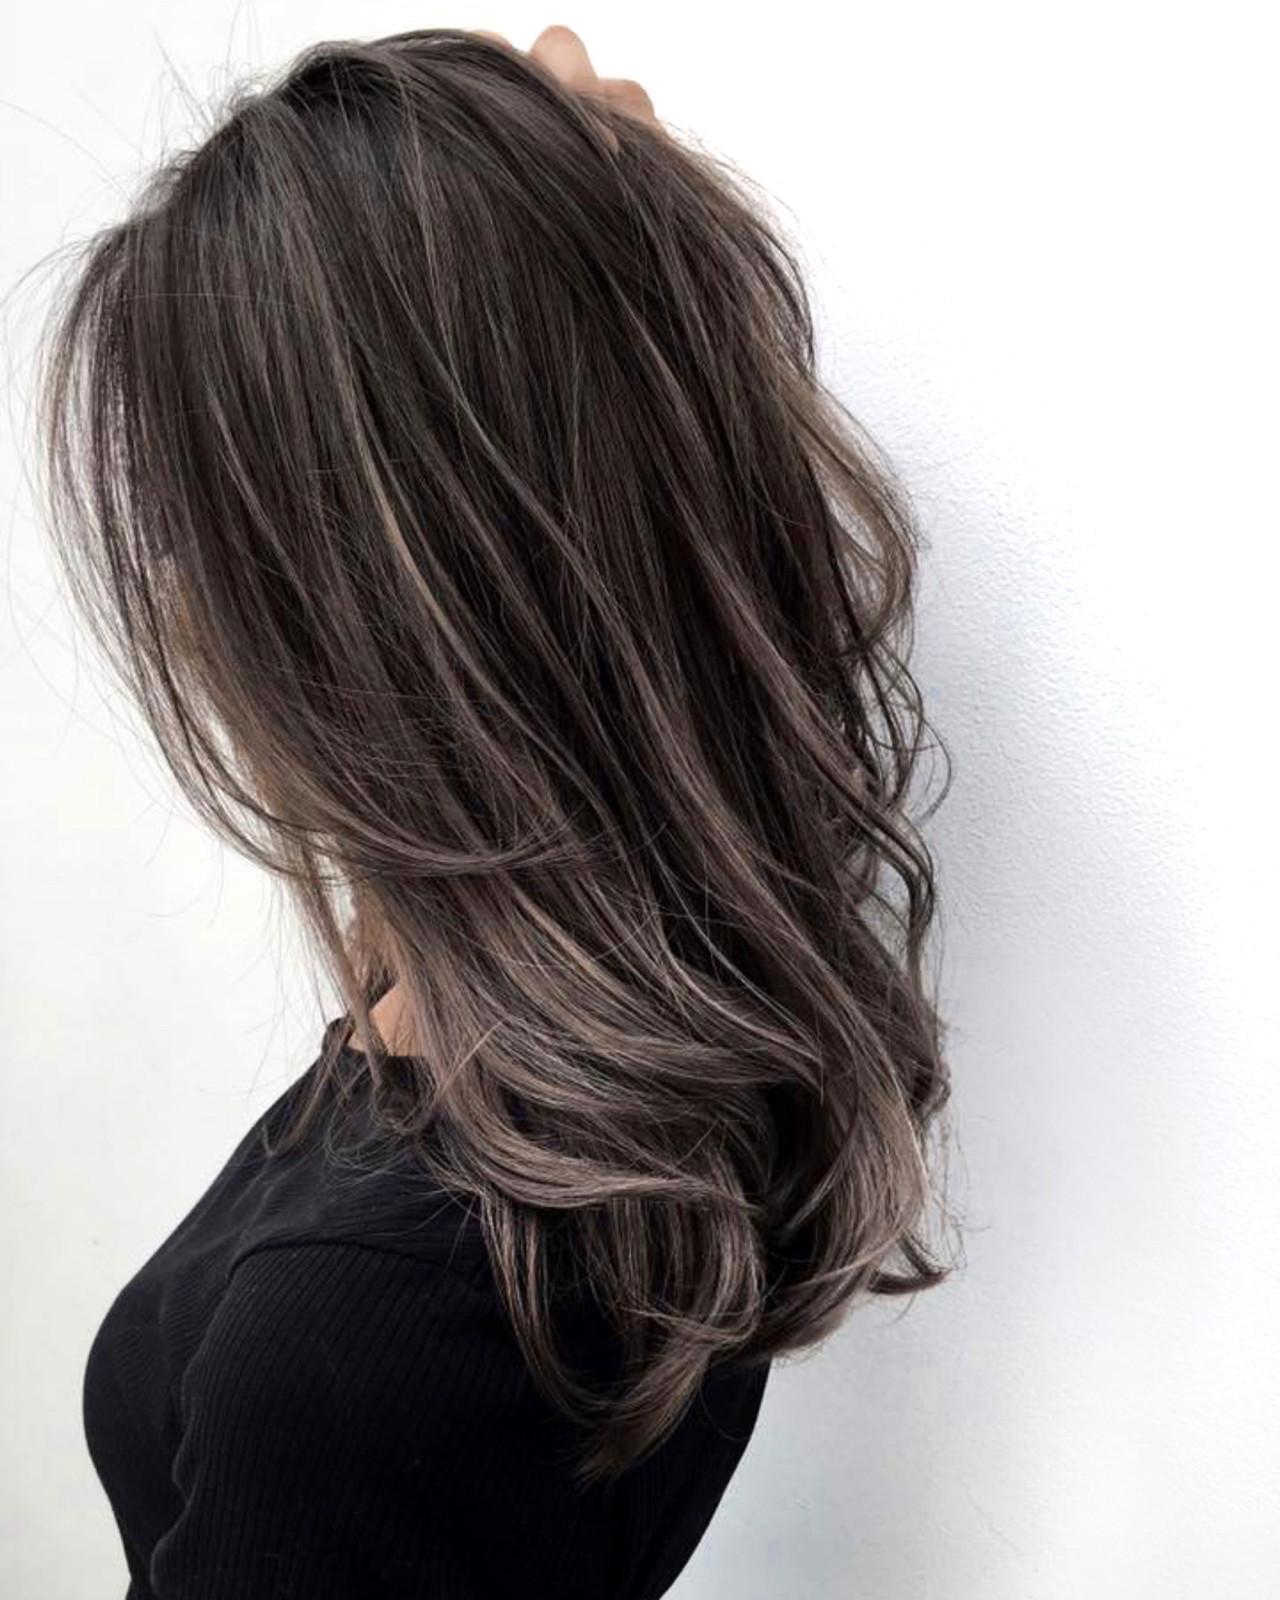 チョコレート ハイライト レイヤーカット コンサバ ヘアスタイルや髪型の写真・画像